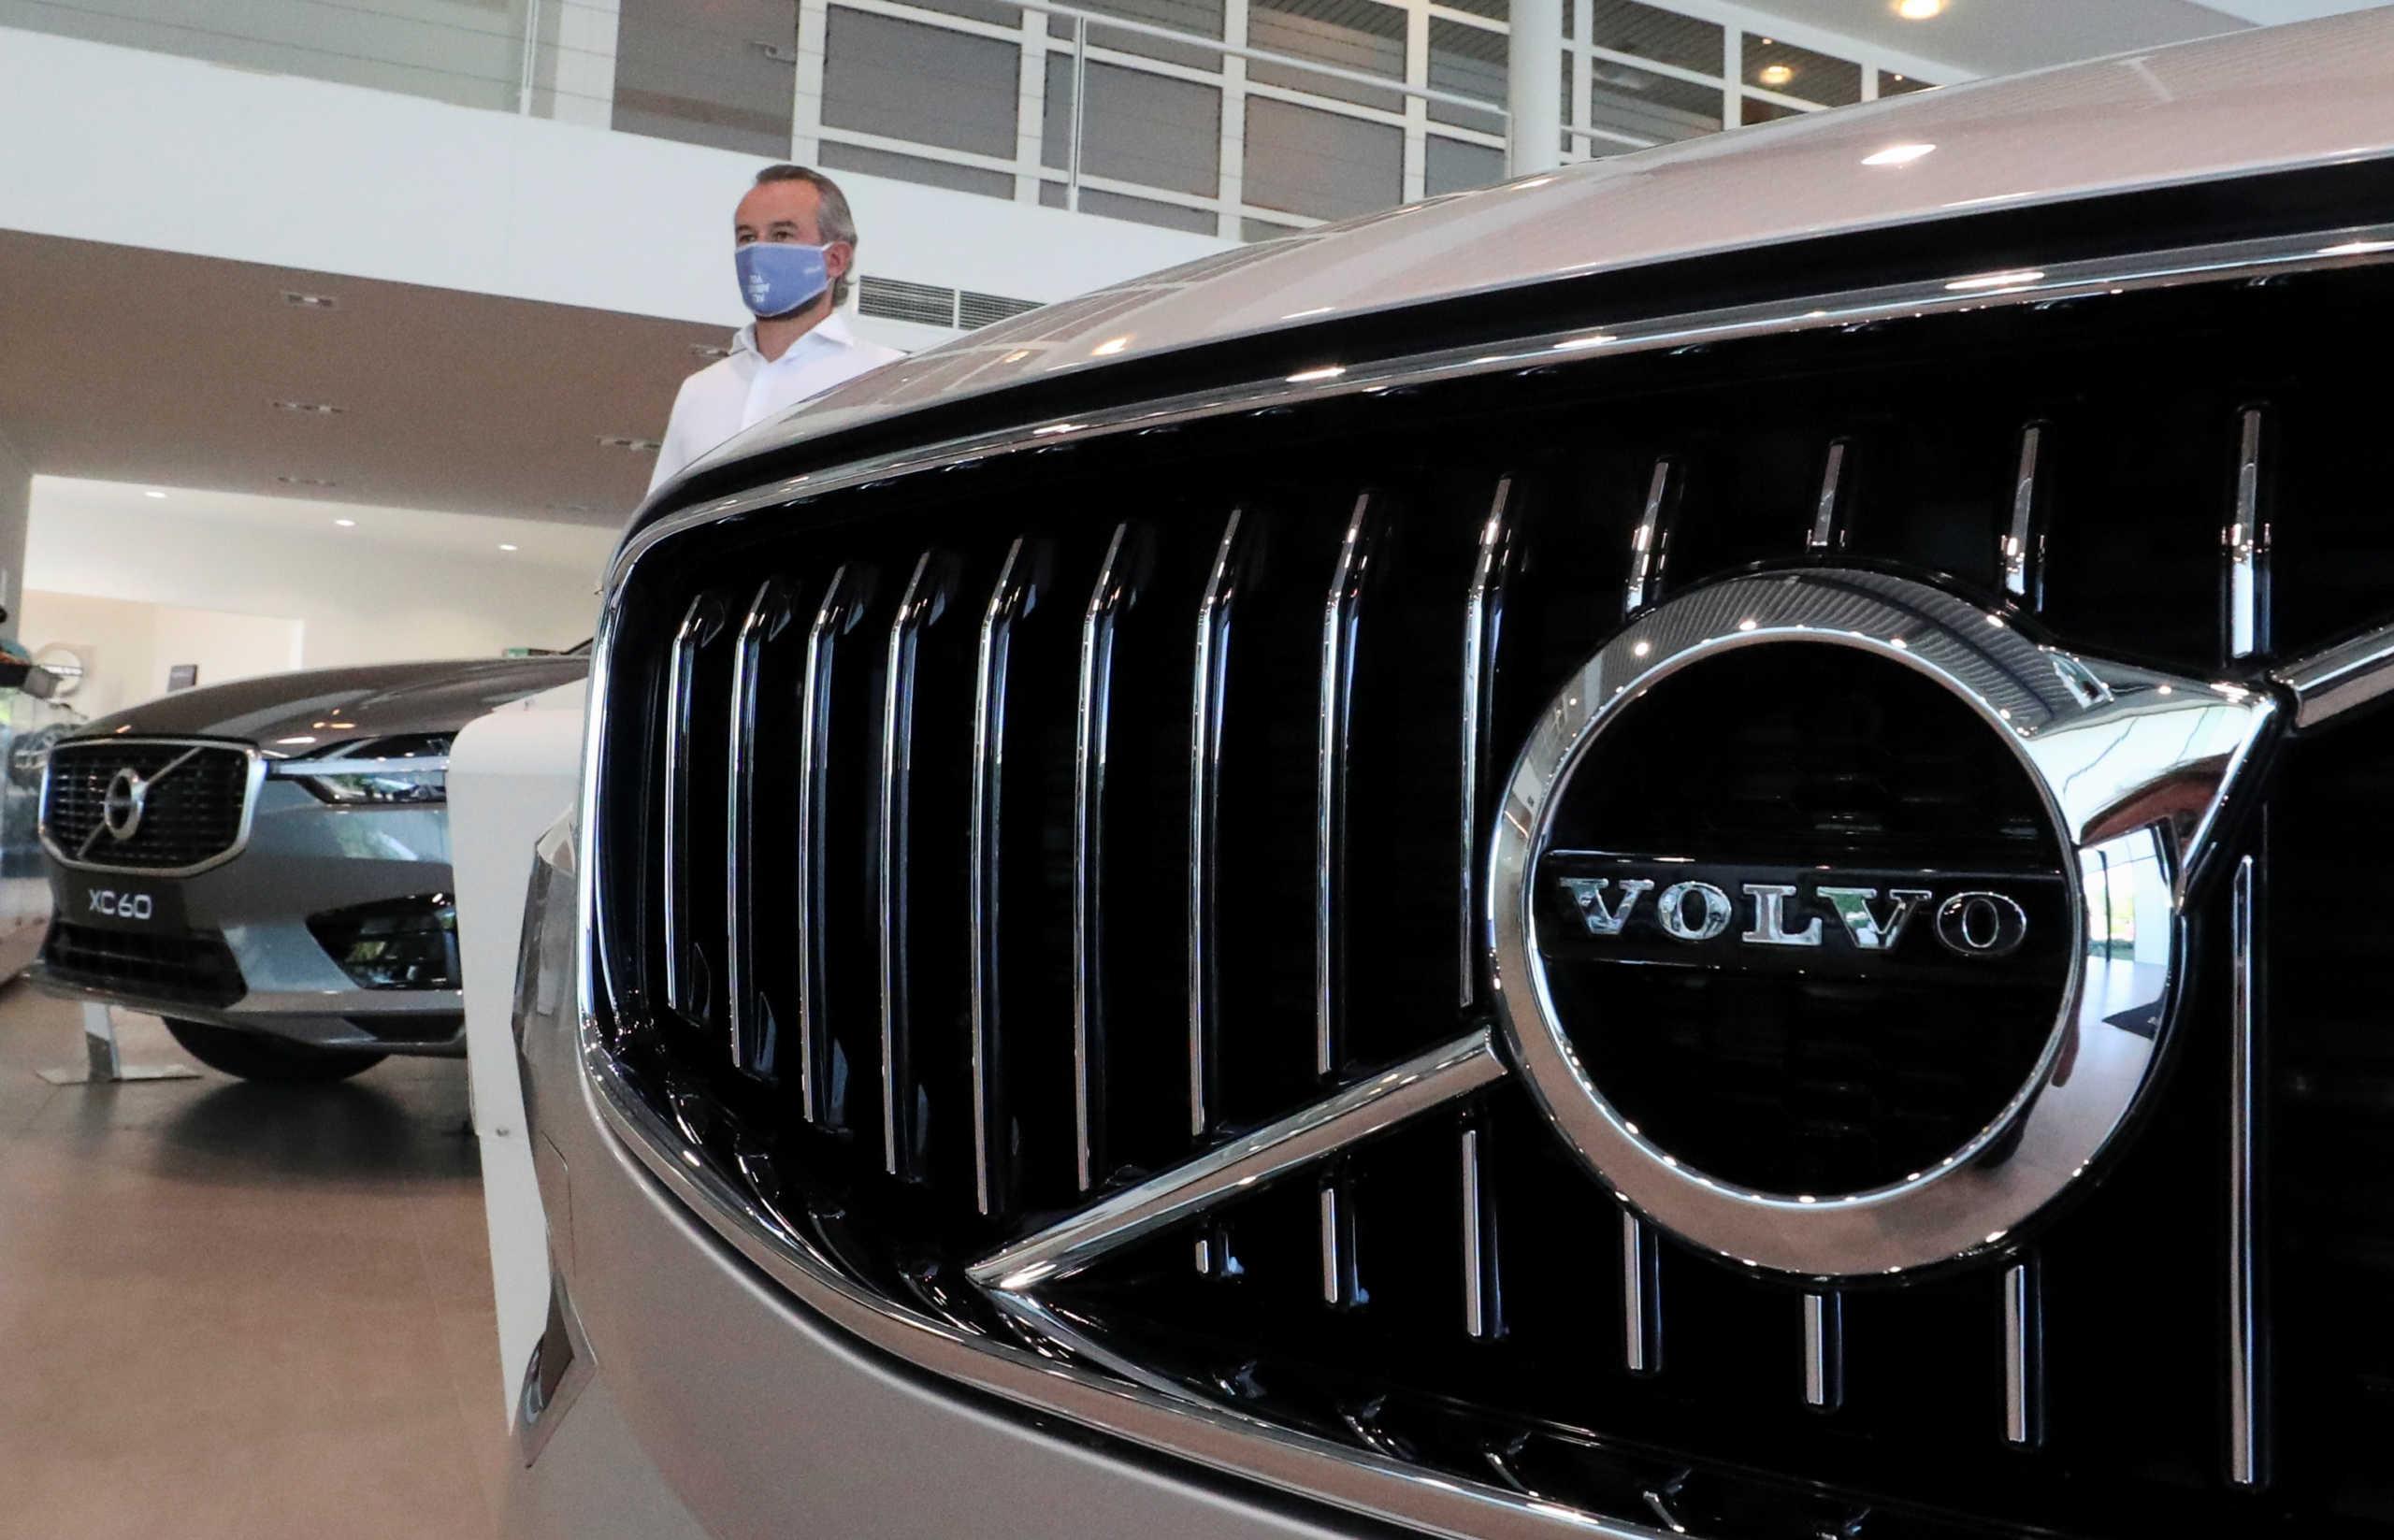 Σουηδία: Η Volvo κόβει 4.100 θέσεις εργασίας σε όλον τον κόσμο